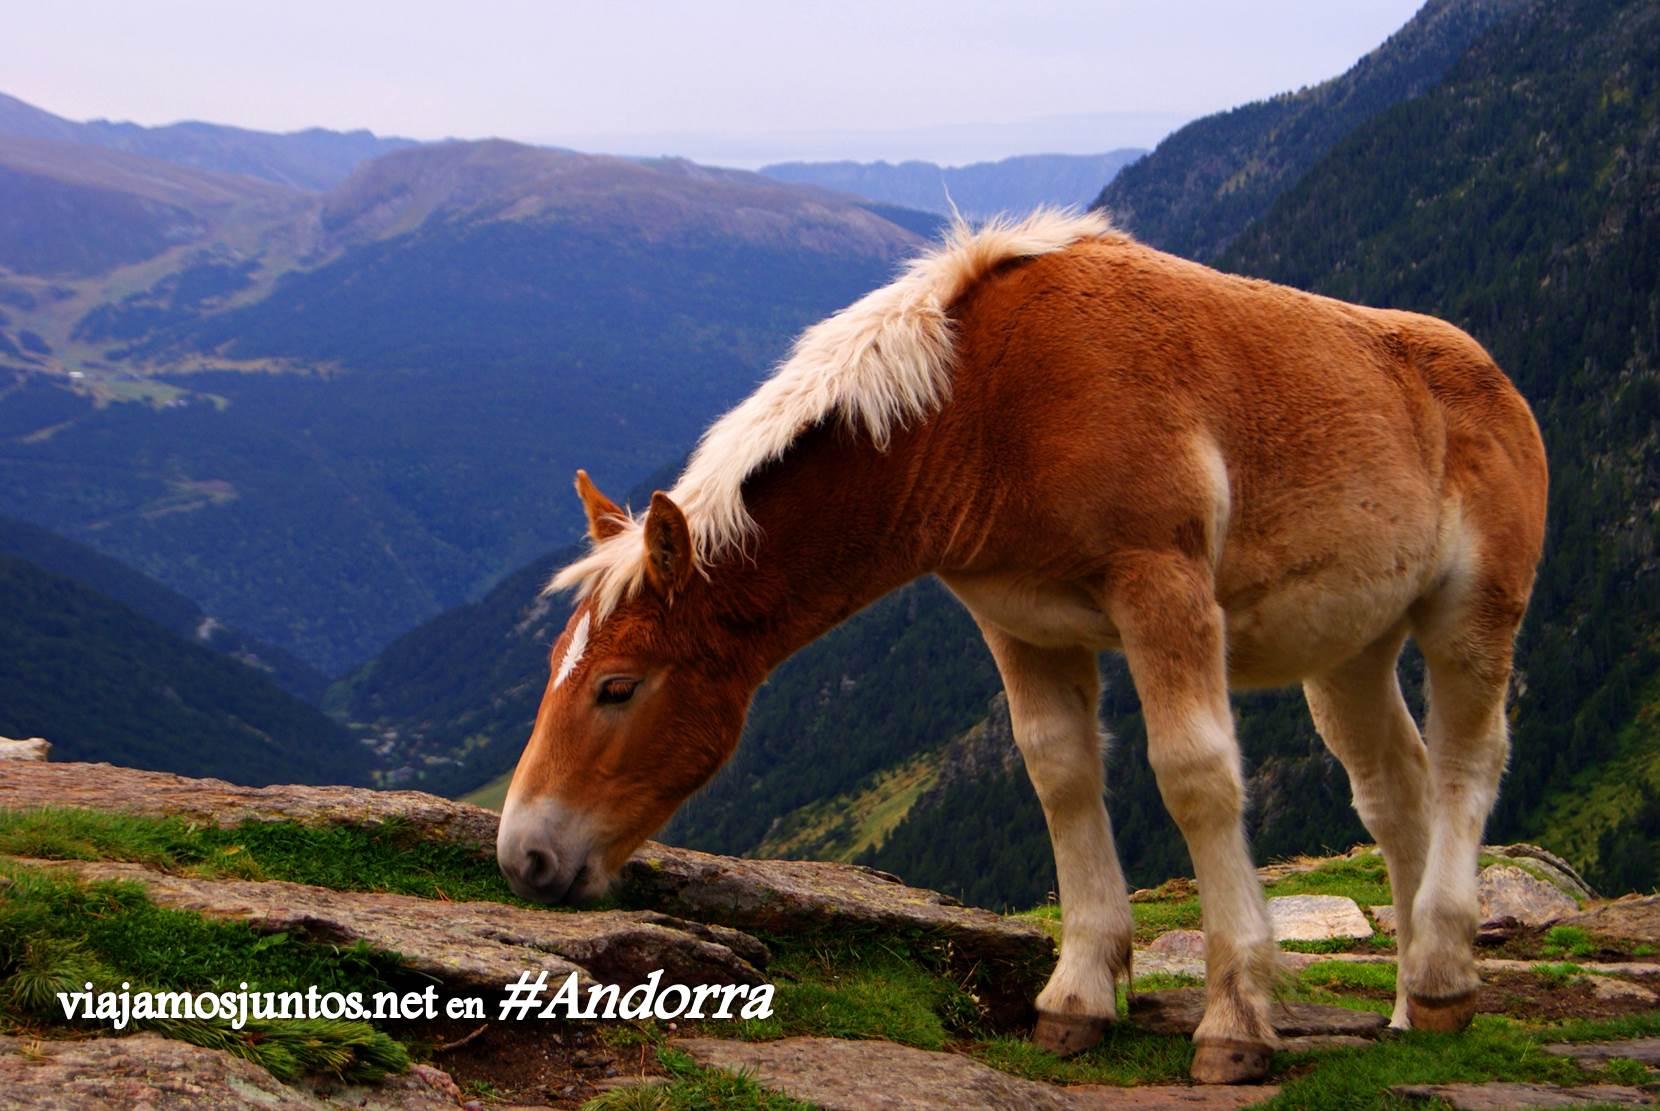 Caballos en el GRP de Andorra, trekking por los Pirineos Orientales